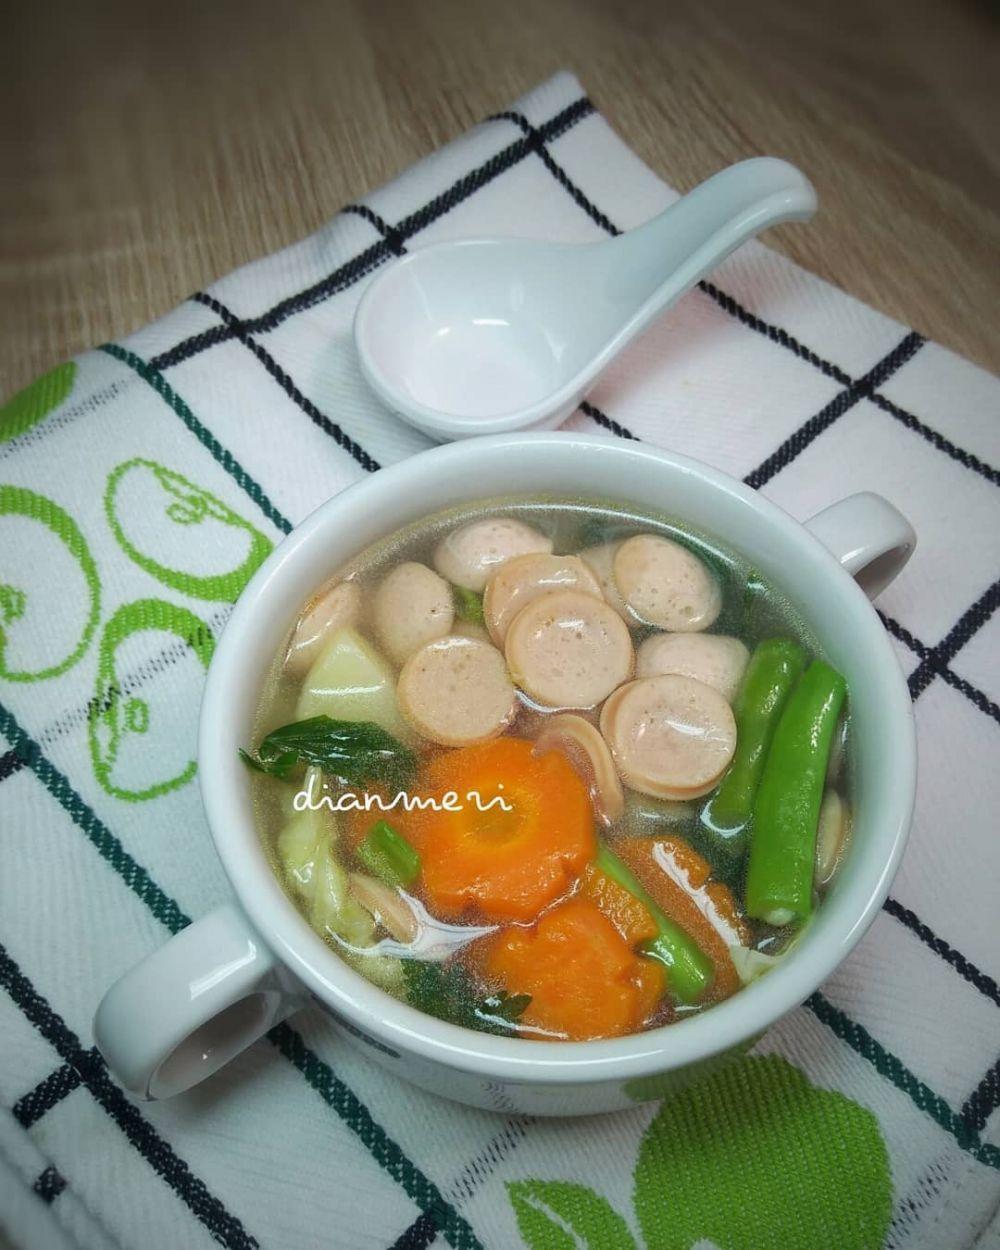 17 Resep Sop Rumahan Instagram Resep Masakan Sehat Resep Makanan Sehat Resep